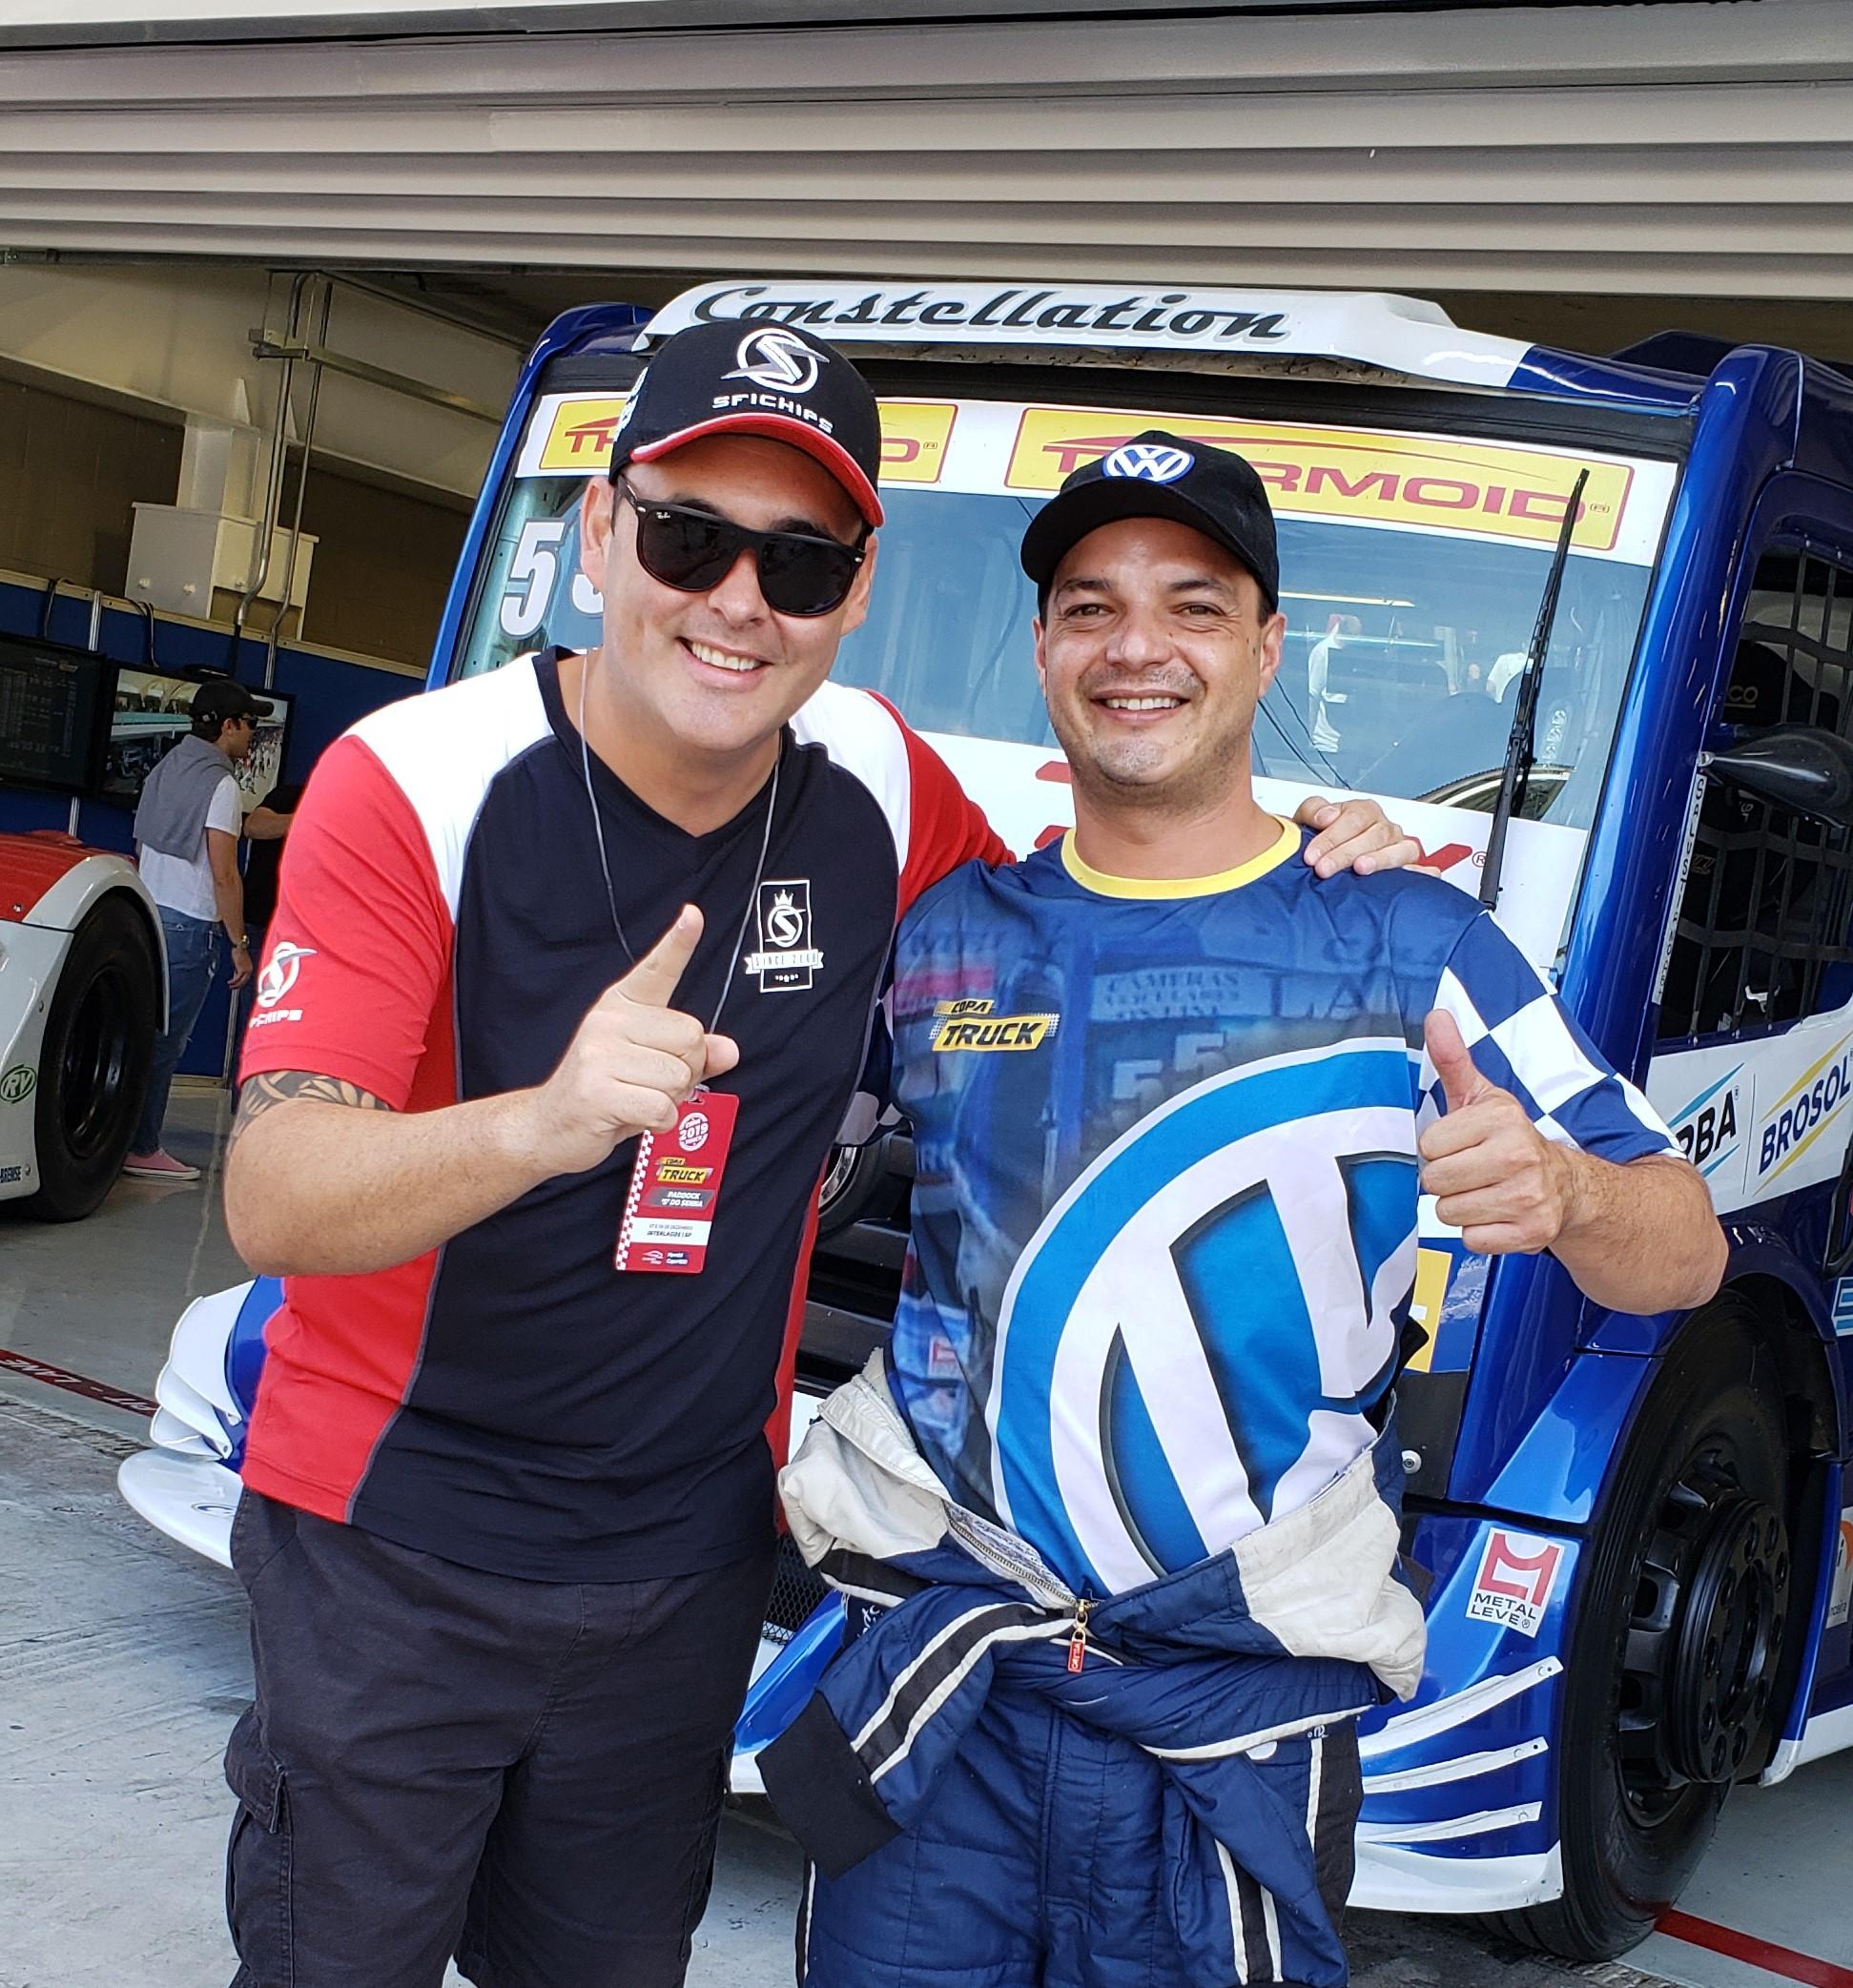 SFI CHIPS firma parceria com o piloto Paulo Salustiano e estreia na Copa Truck, na equipe VW